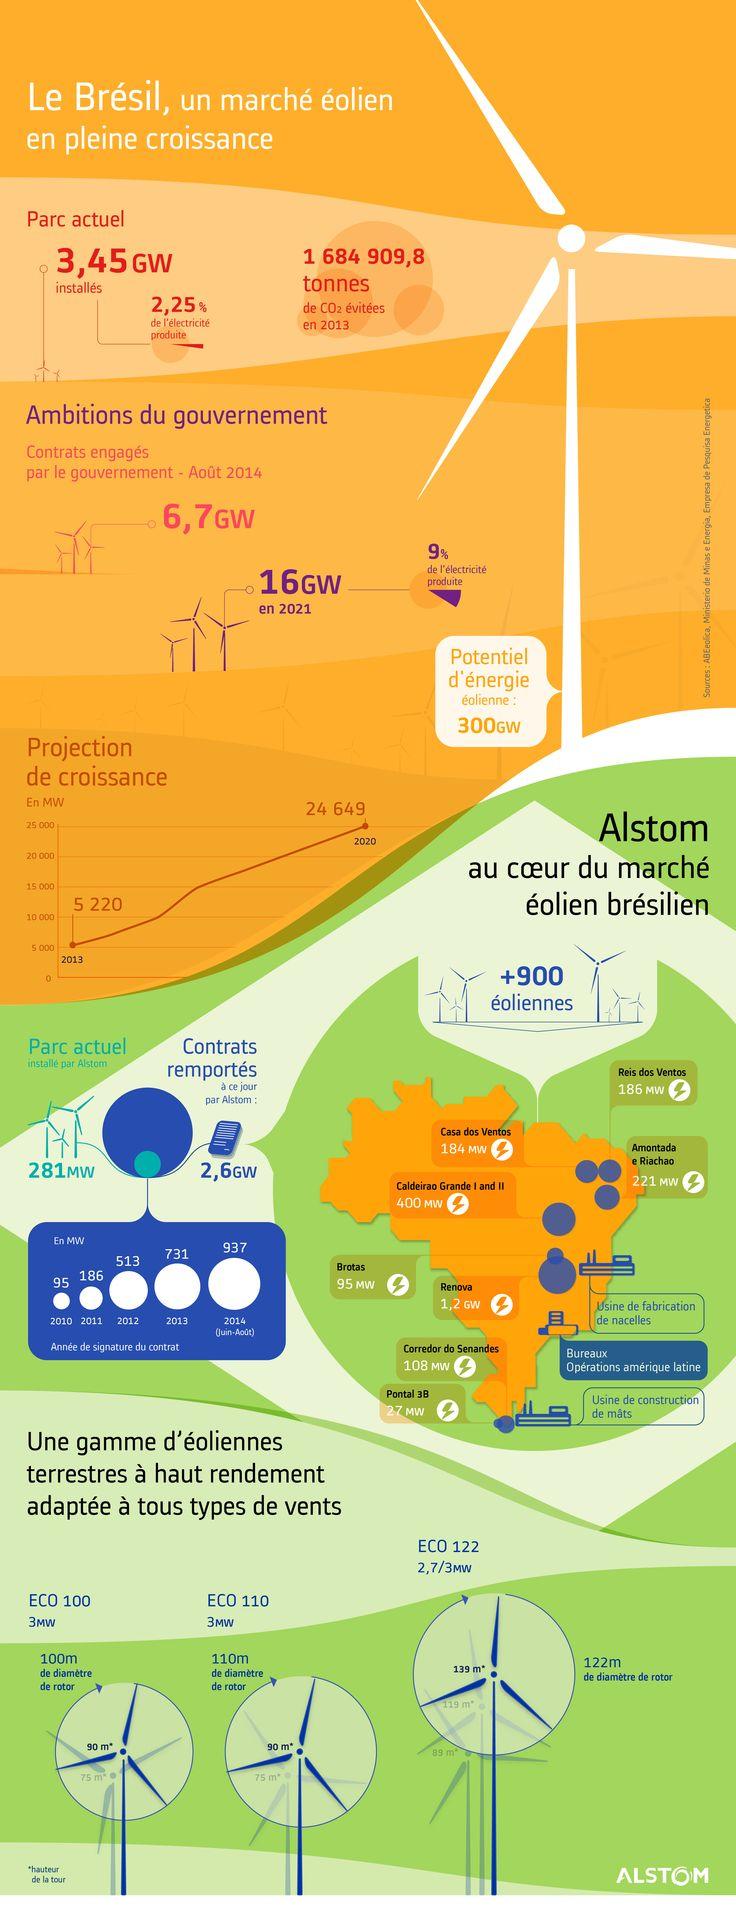 Le Brésil, un marché éolien en pleine croissance - Alstom